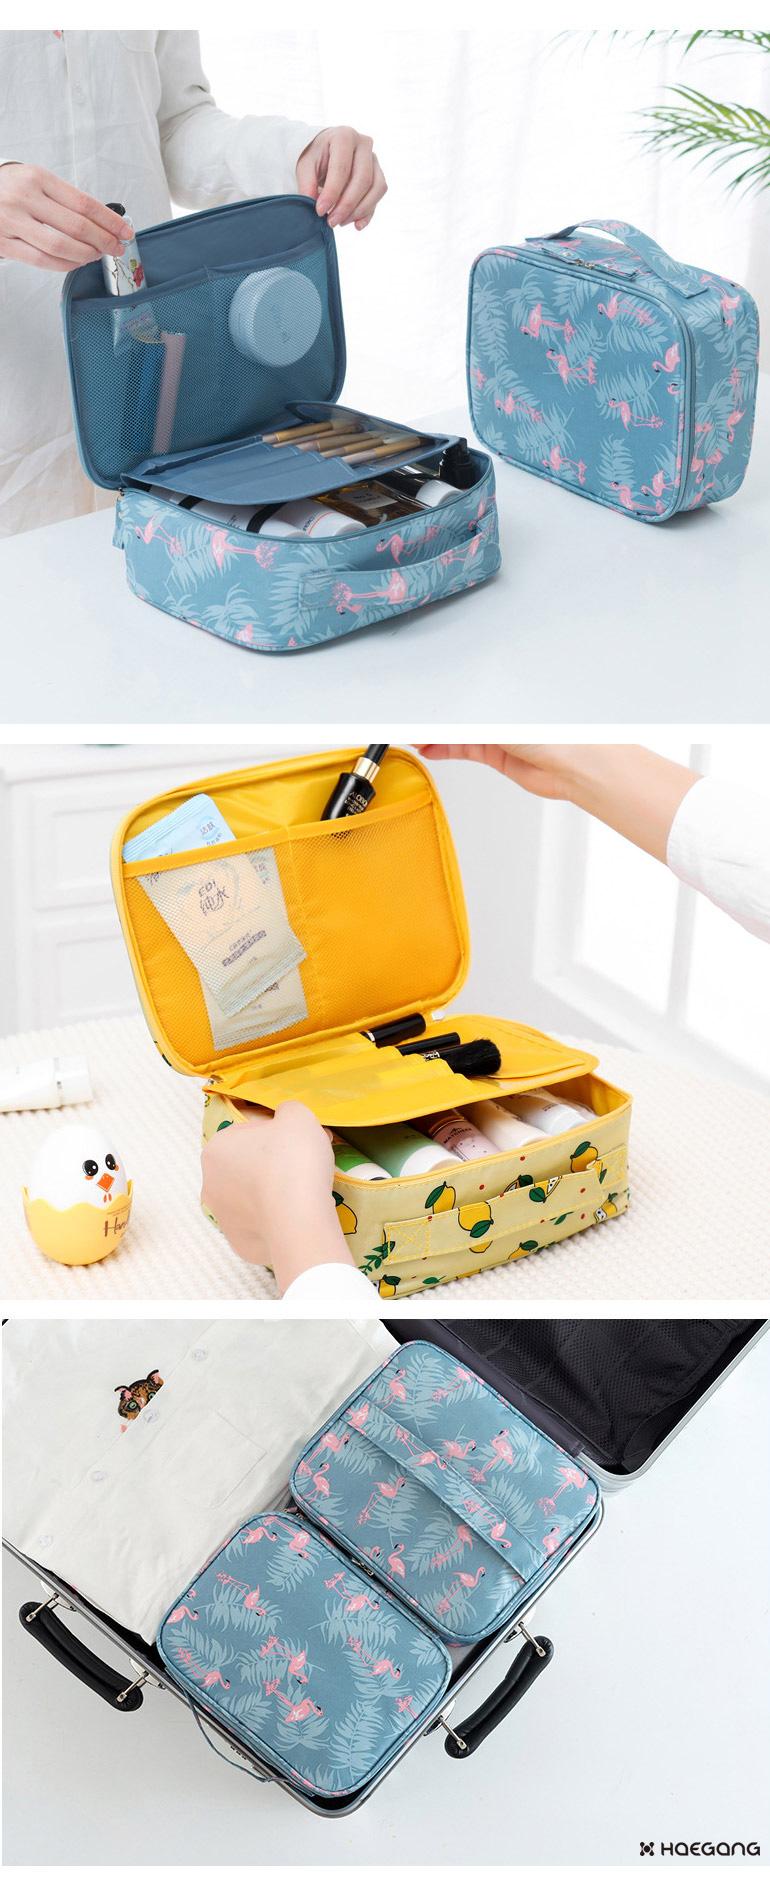 여행용 화장품 파우치 브러시타입 - 세일덕, 7,500원, 트래블팩단품, 속옷/시크릿 파우치